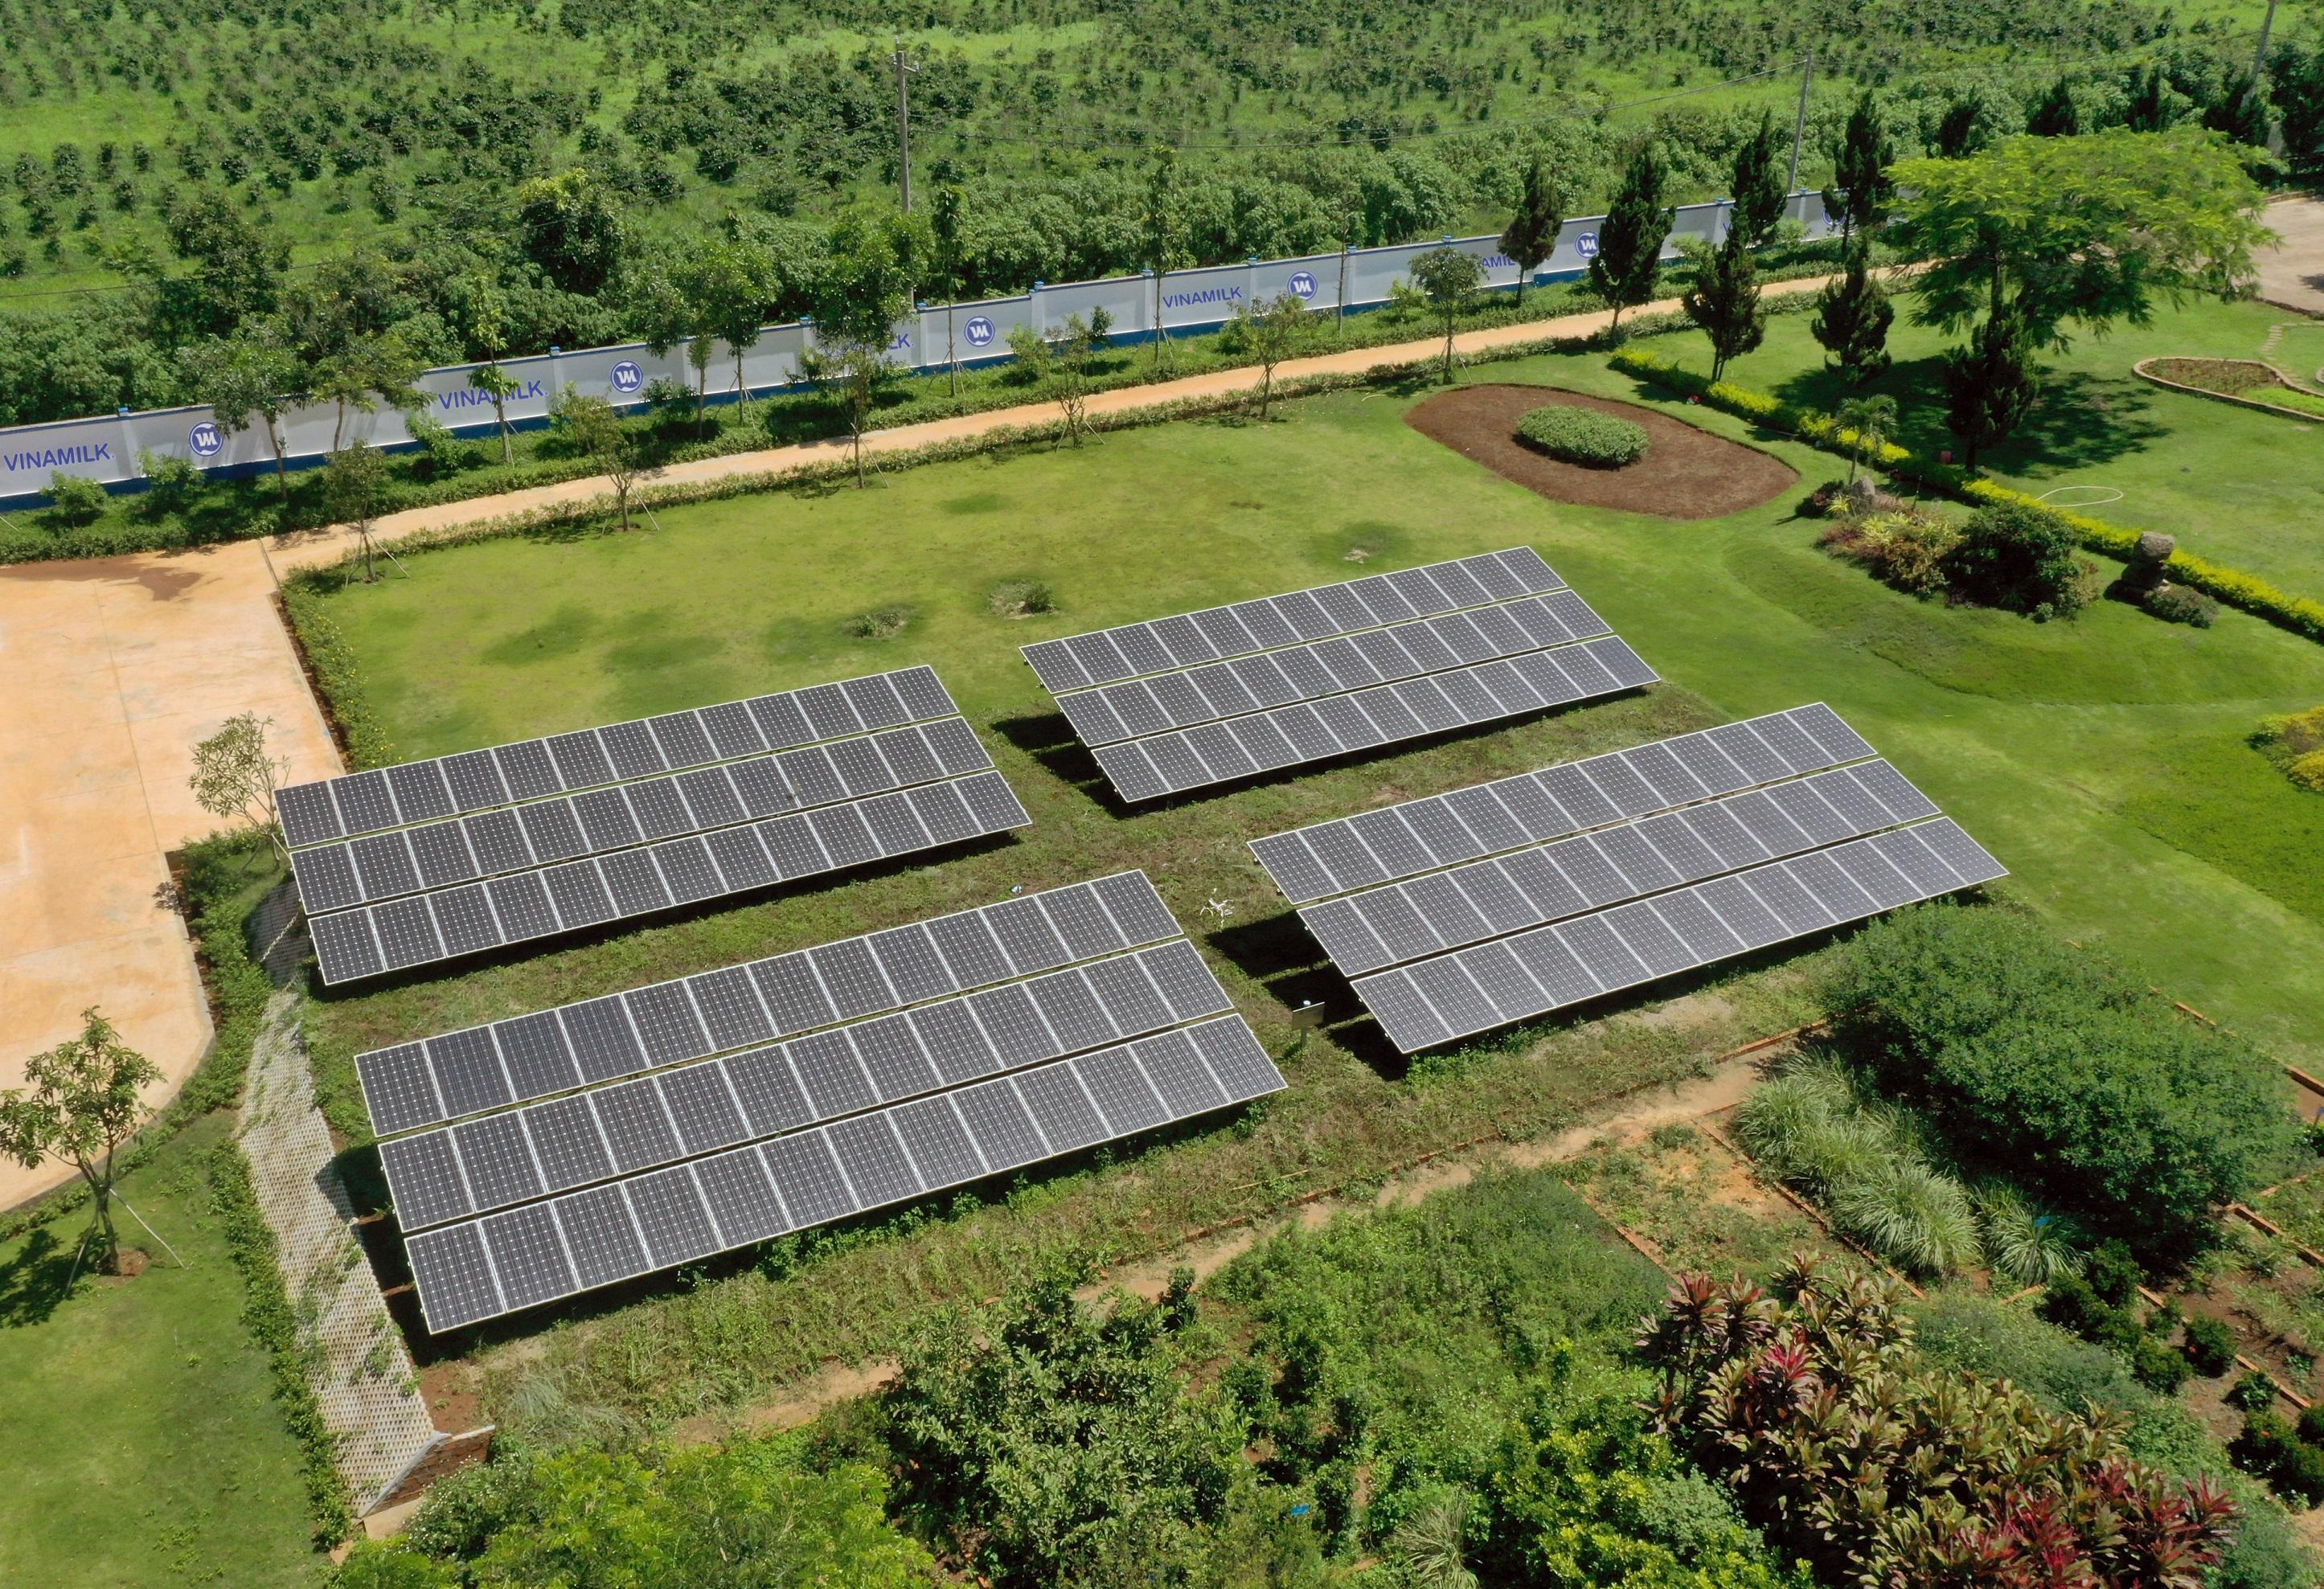 Nhà máy Vinamilk lắp đặt các tấm pin mặt trời. Nguồn: Minh Thi/ VGP